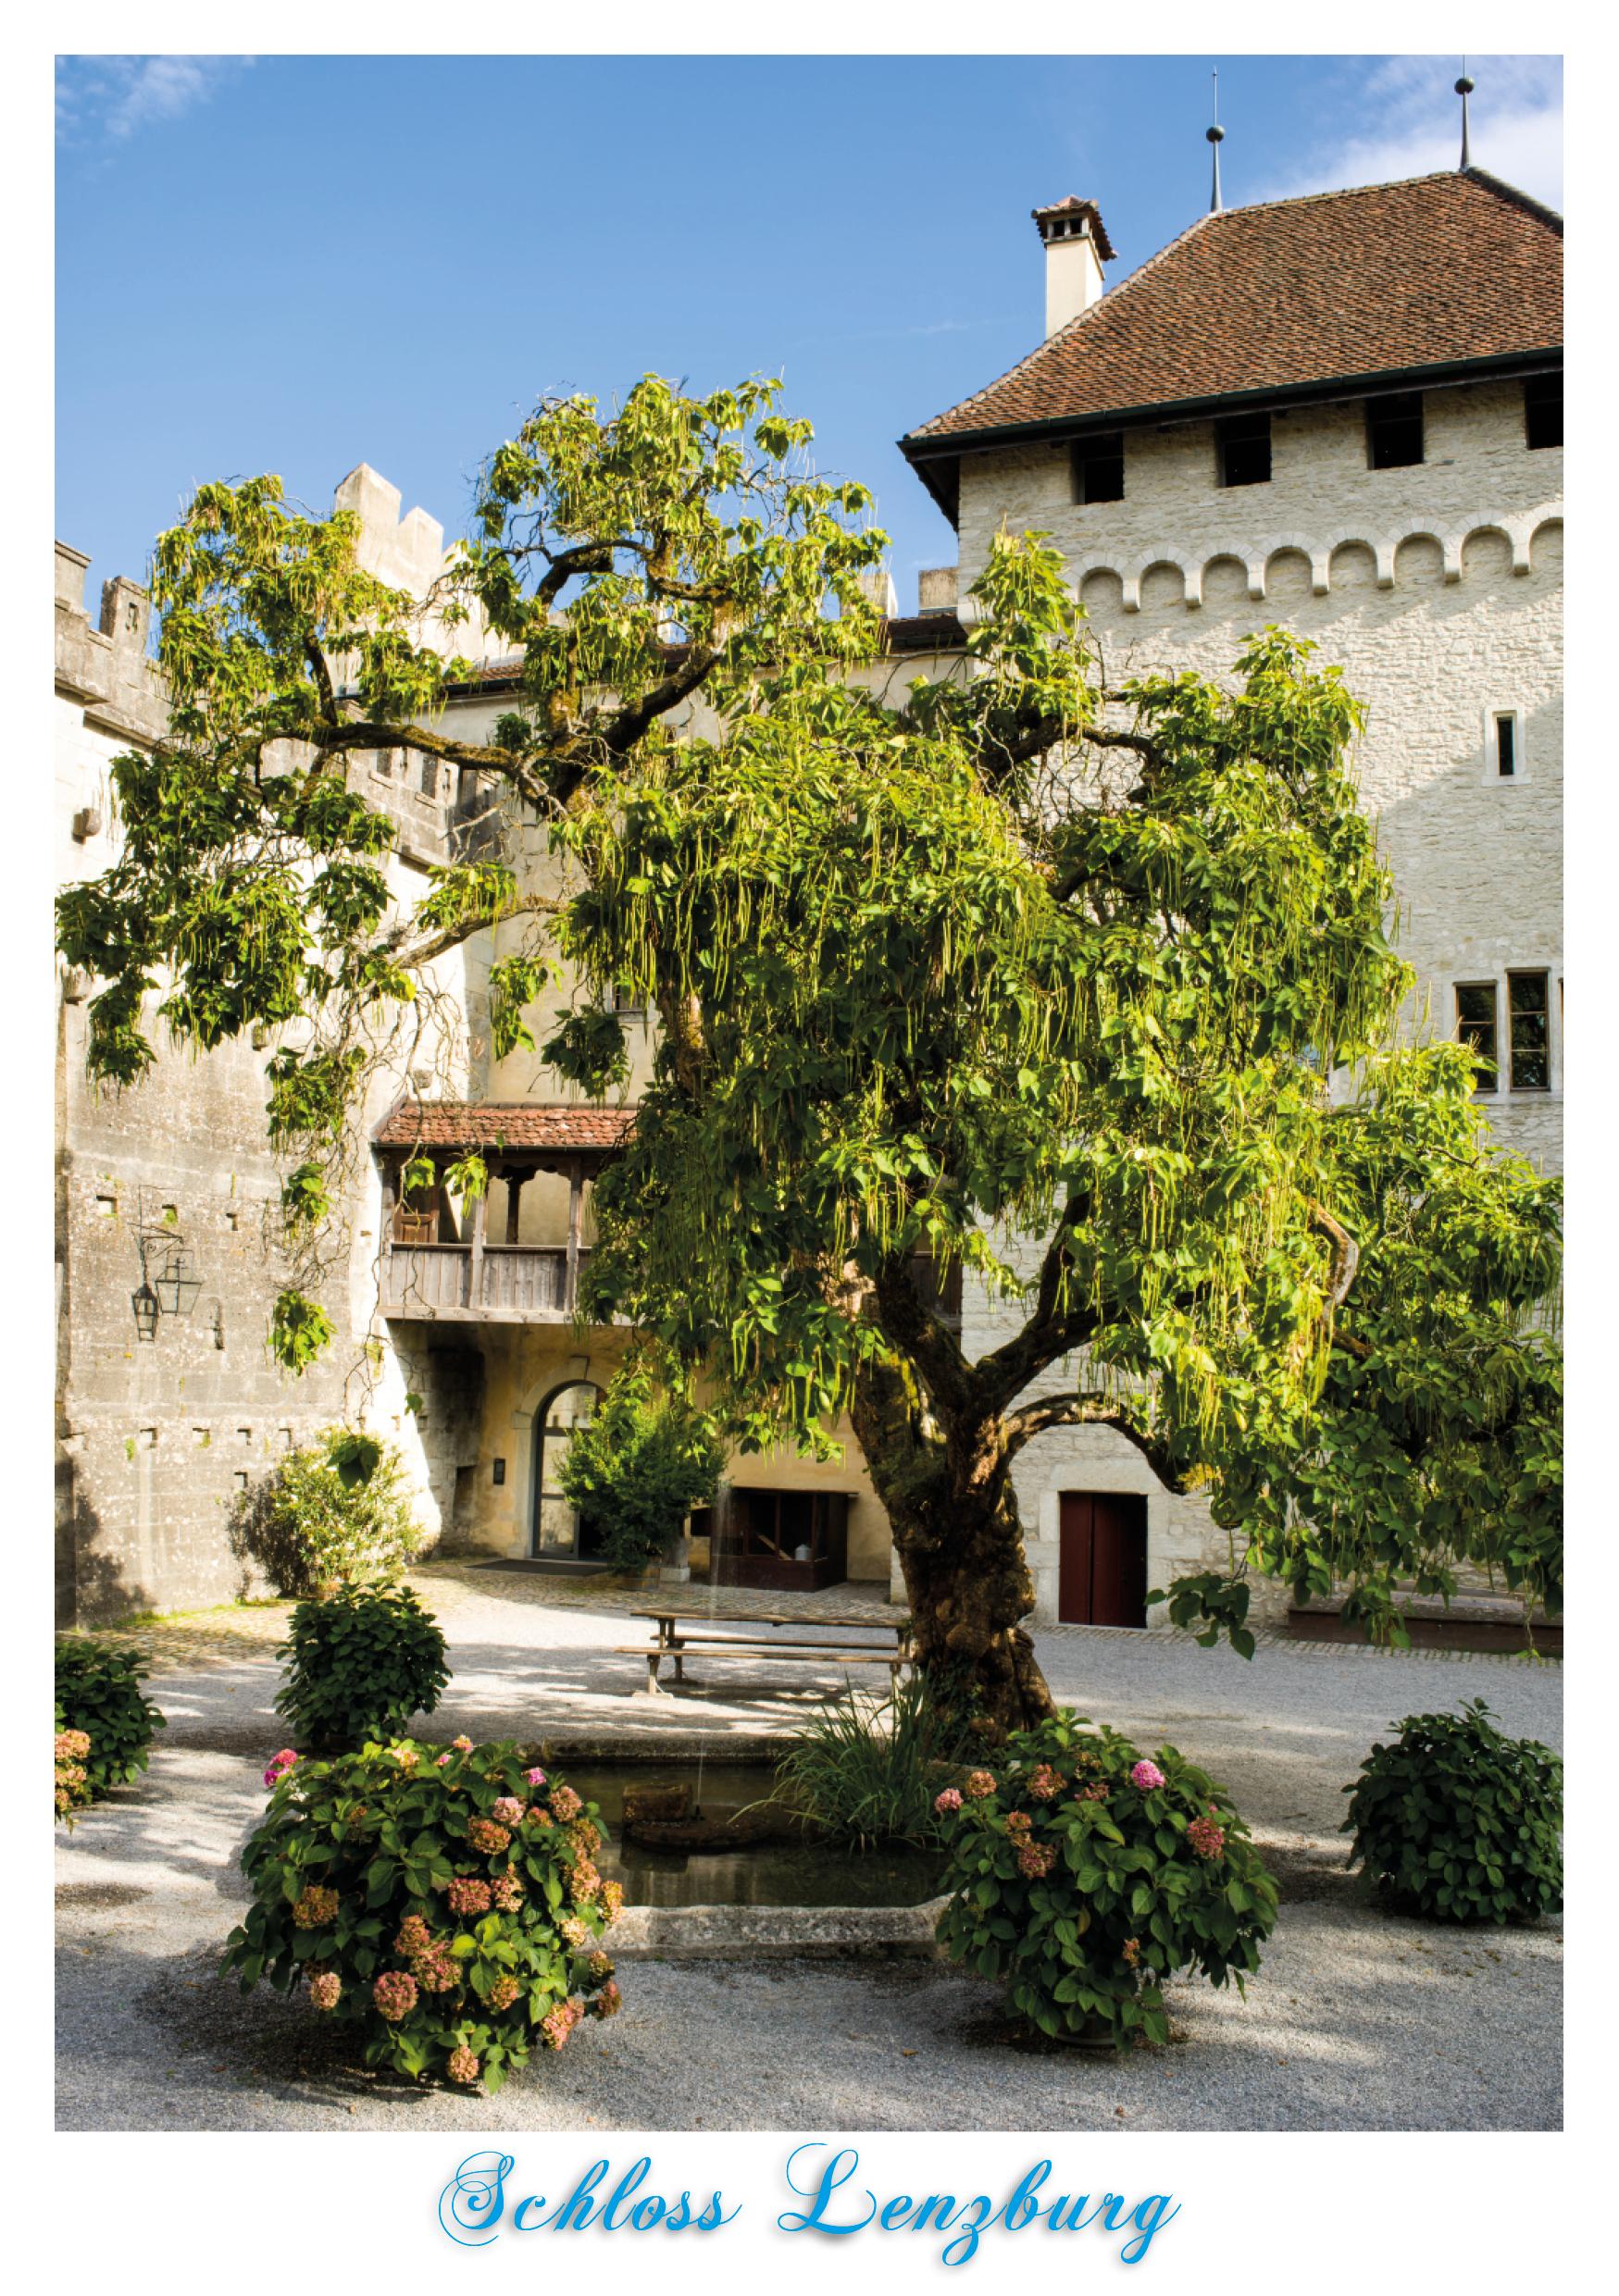 Schloss_Lenzburg_Lebens-Baum_-_8444881_A5-CMYK